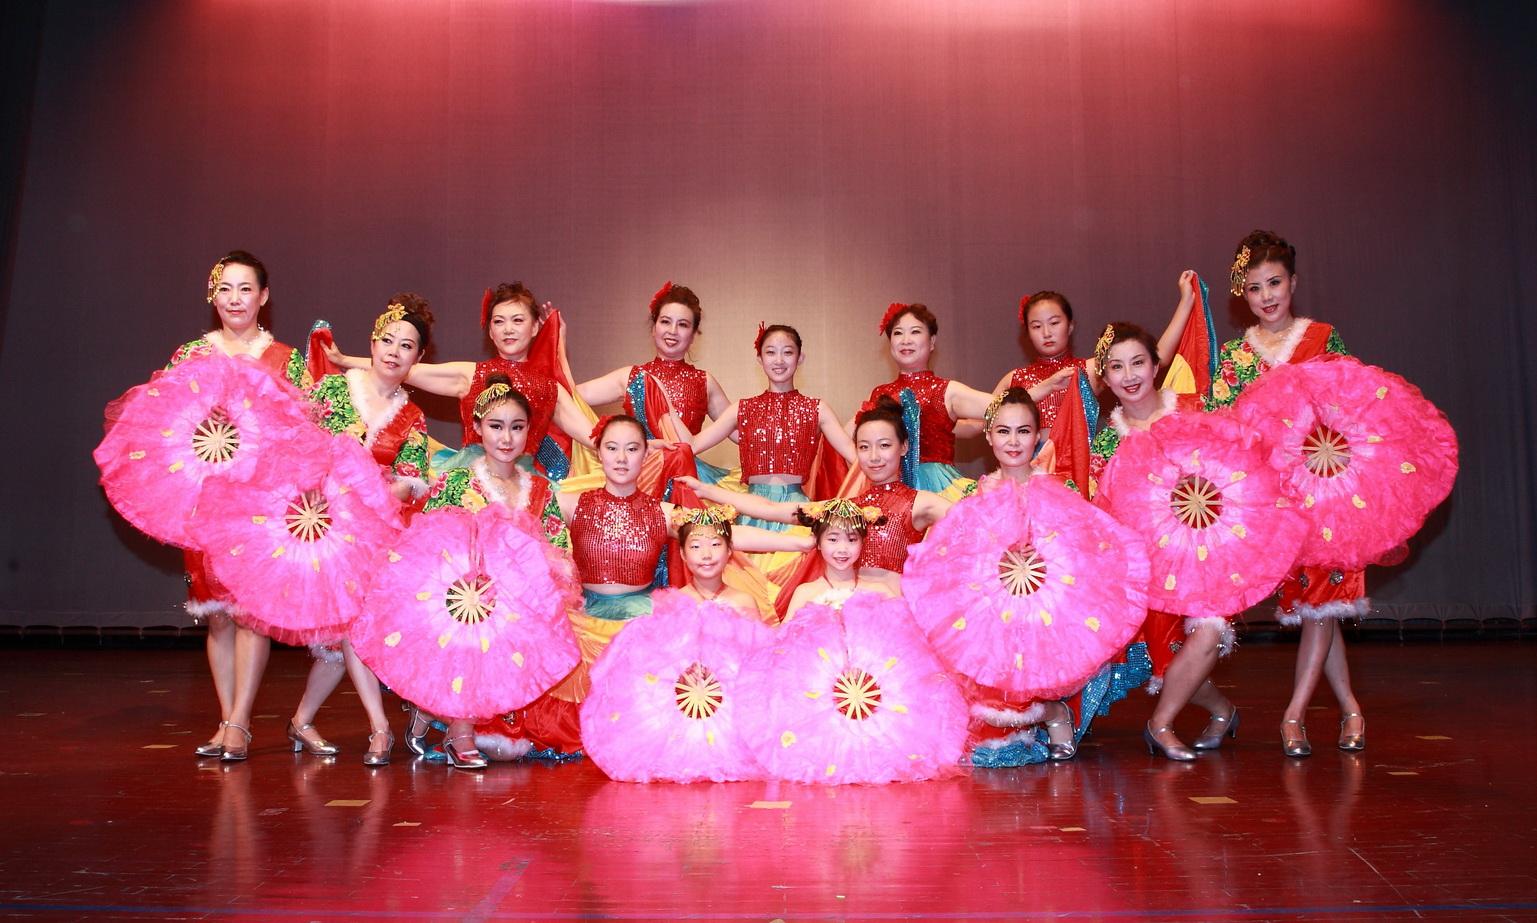 Anshan Folk art group - China